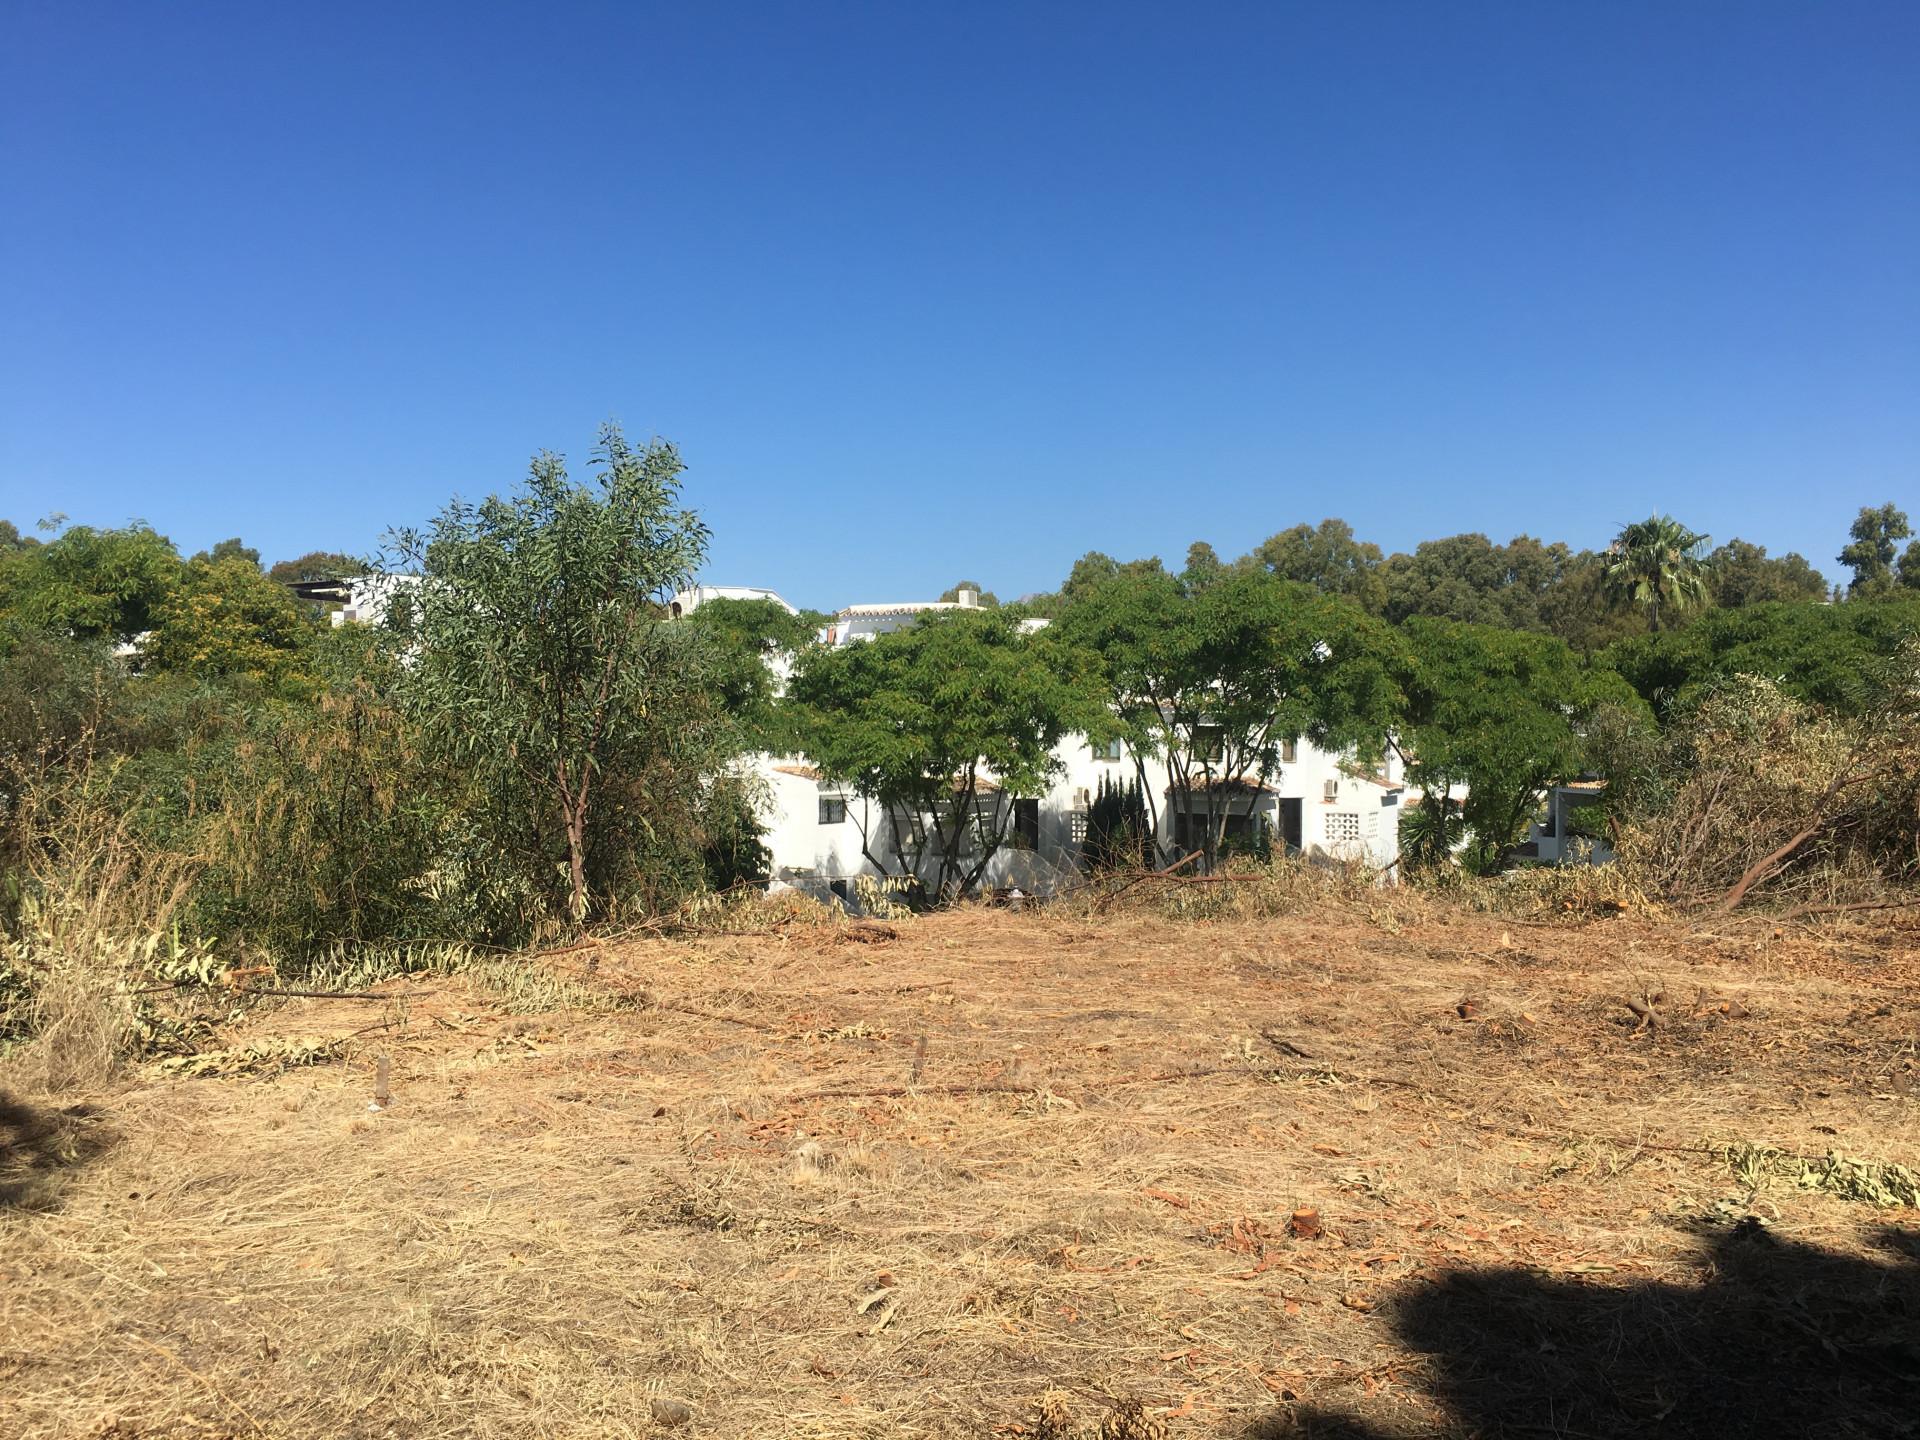 ARFP465 - Grundstück zum Verkauf mit Projekt in Strandlage Elviria in Marbella